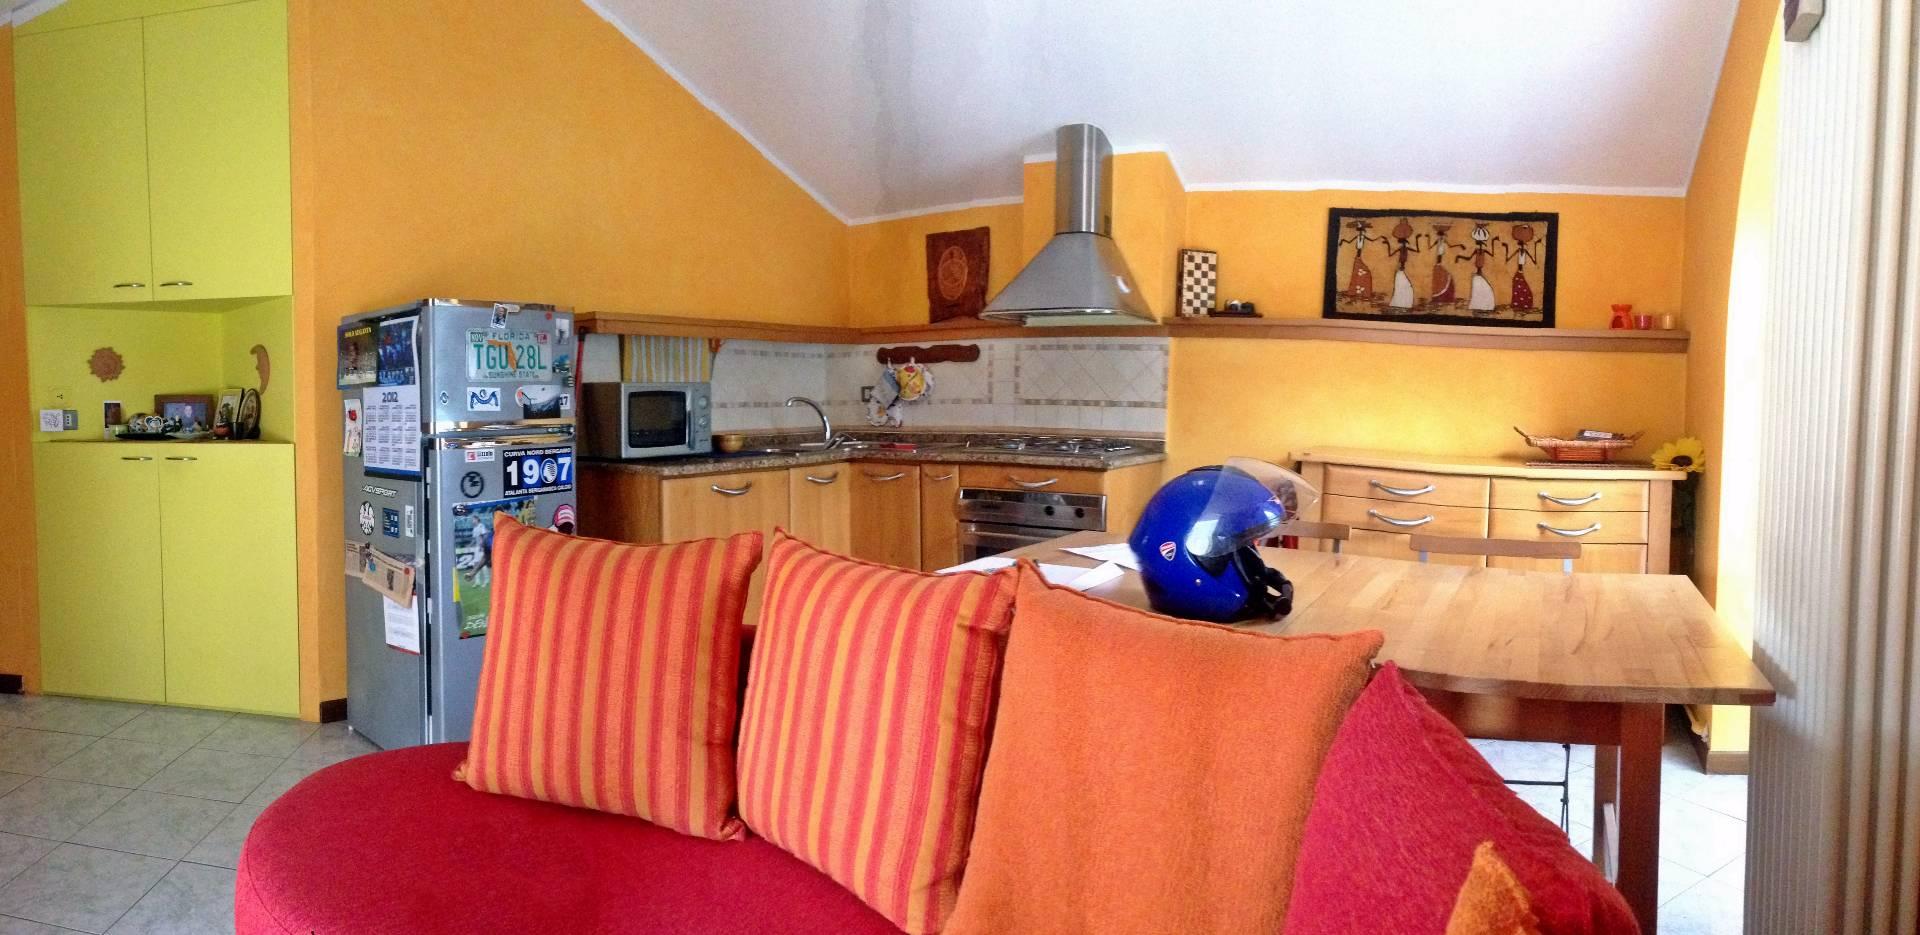 Appartamento in vendita a Monte Marenzo, 2 locali, prezzo € 69.000 | CambioCasa.it